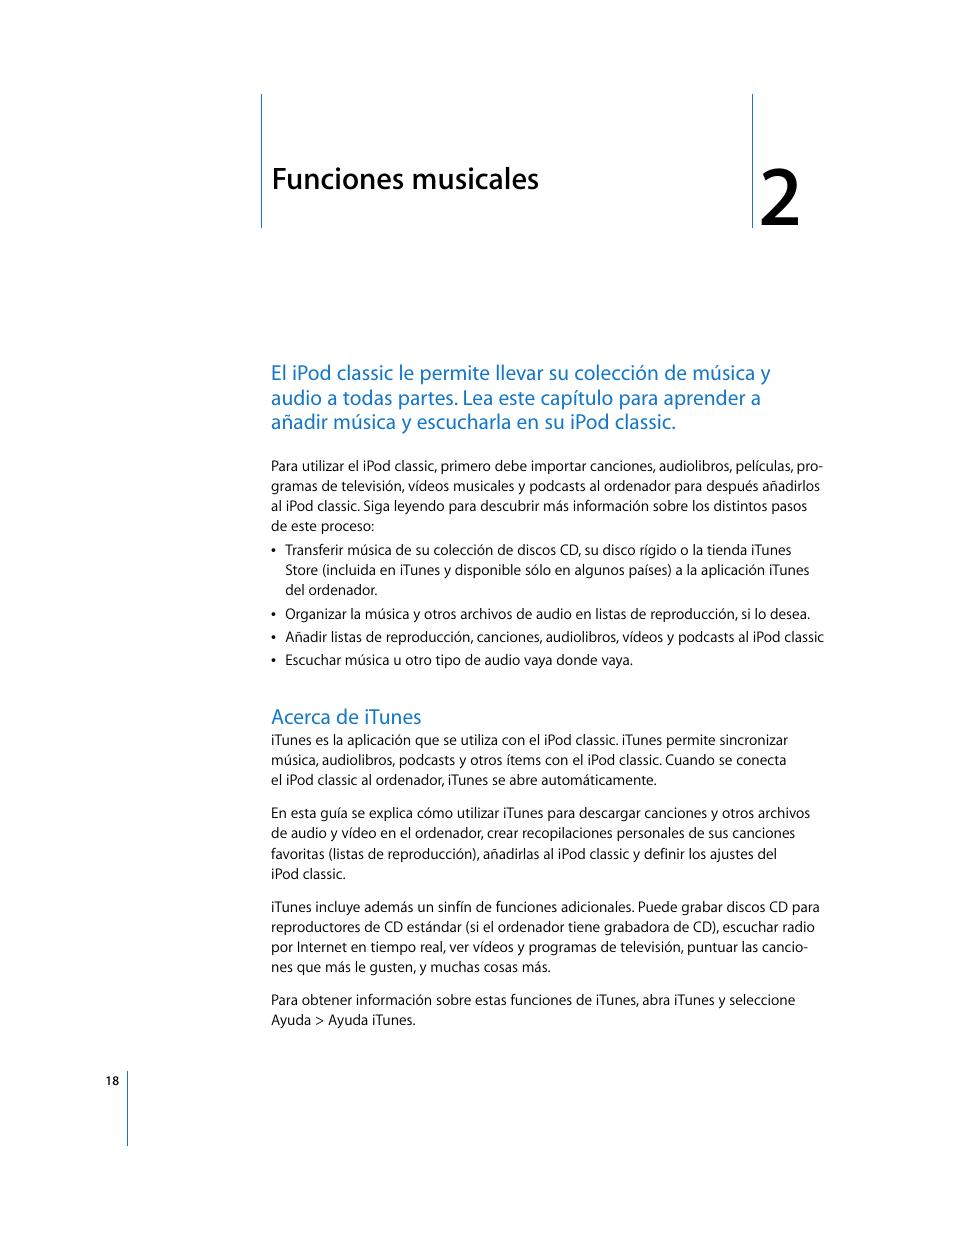 Funciones musicales, Acerca de itunes, Capítulo 2 | Apple